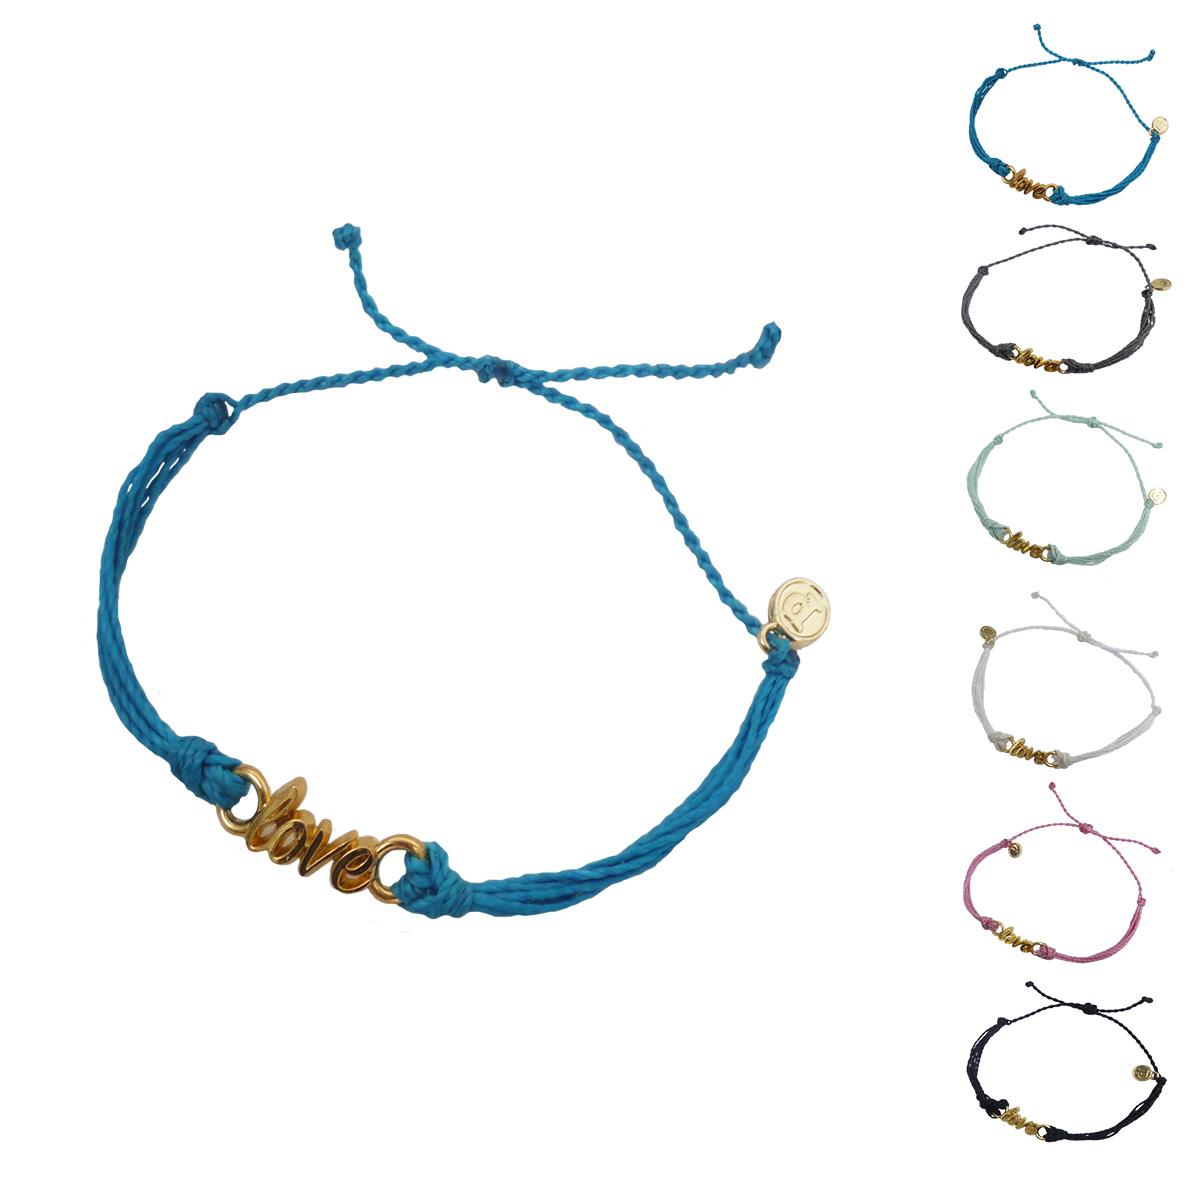 画像1: 【セール 80%OFF】puravida bracelets プラヴィダブレスレット GOLD WORD LOVE 全6色 レディース/メンズ (1)